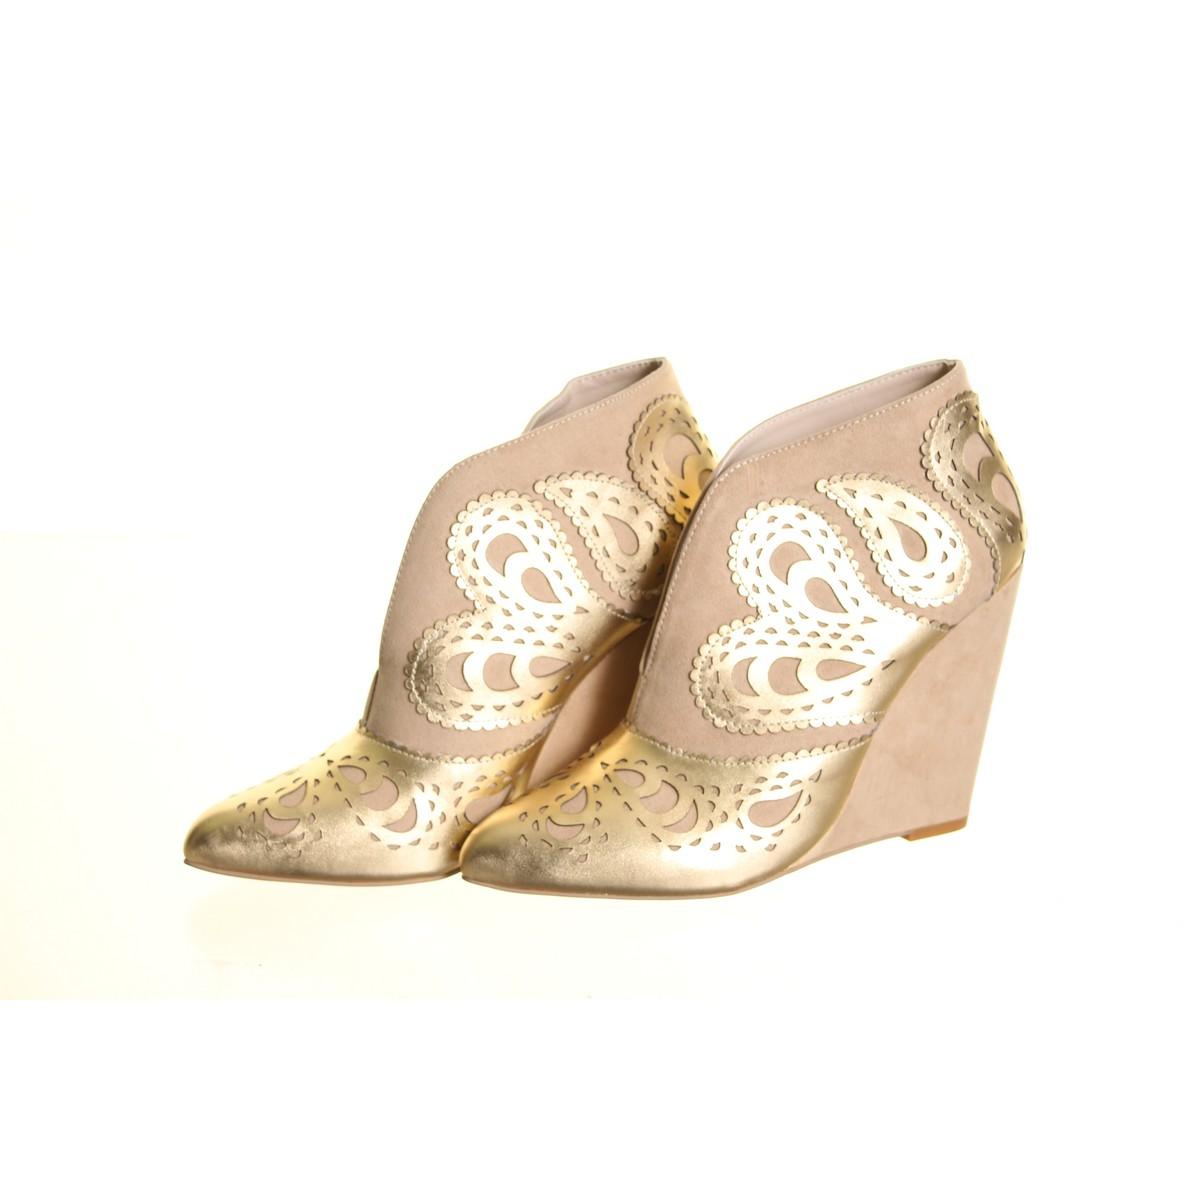 JUNE BY JUNE AMBROSE Tan/Gold Leder Detail Platforms & Wedges Heels Schuhes TEDO